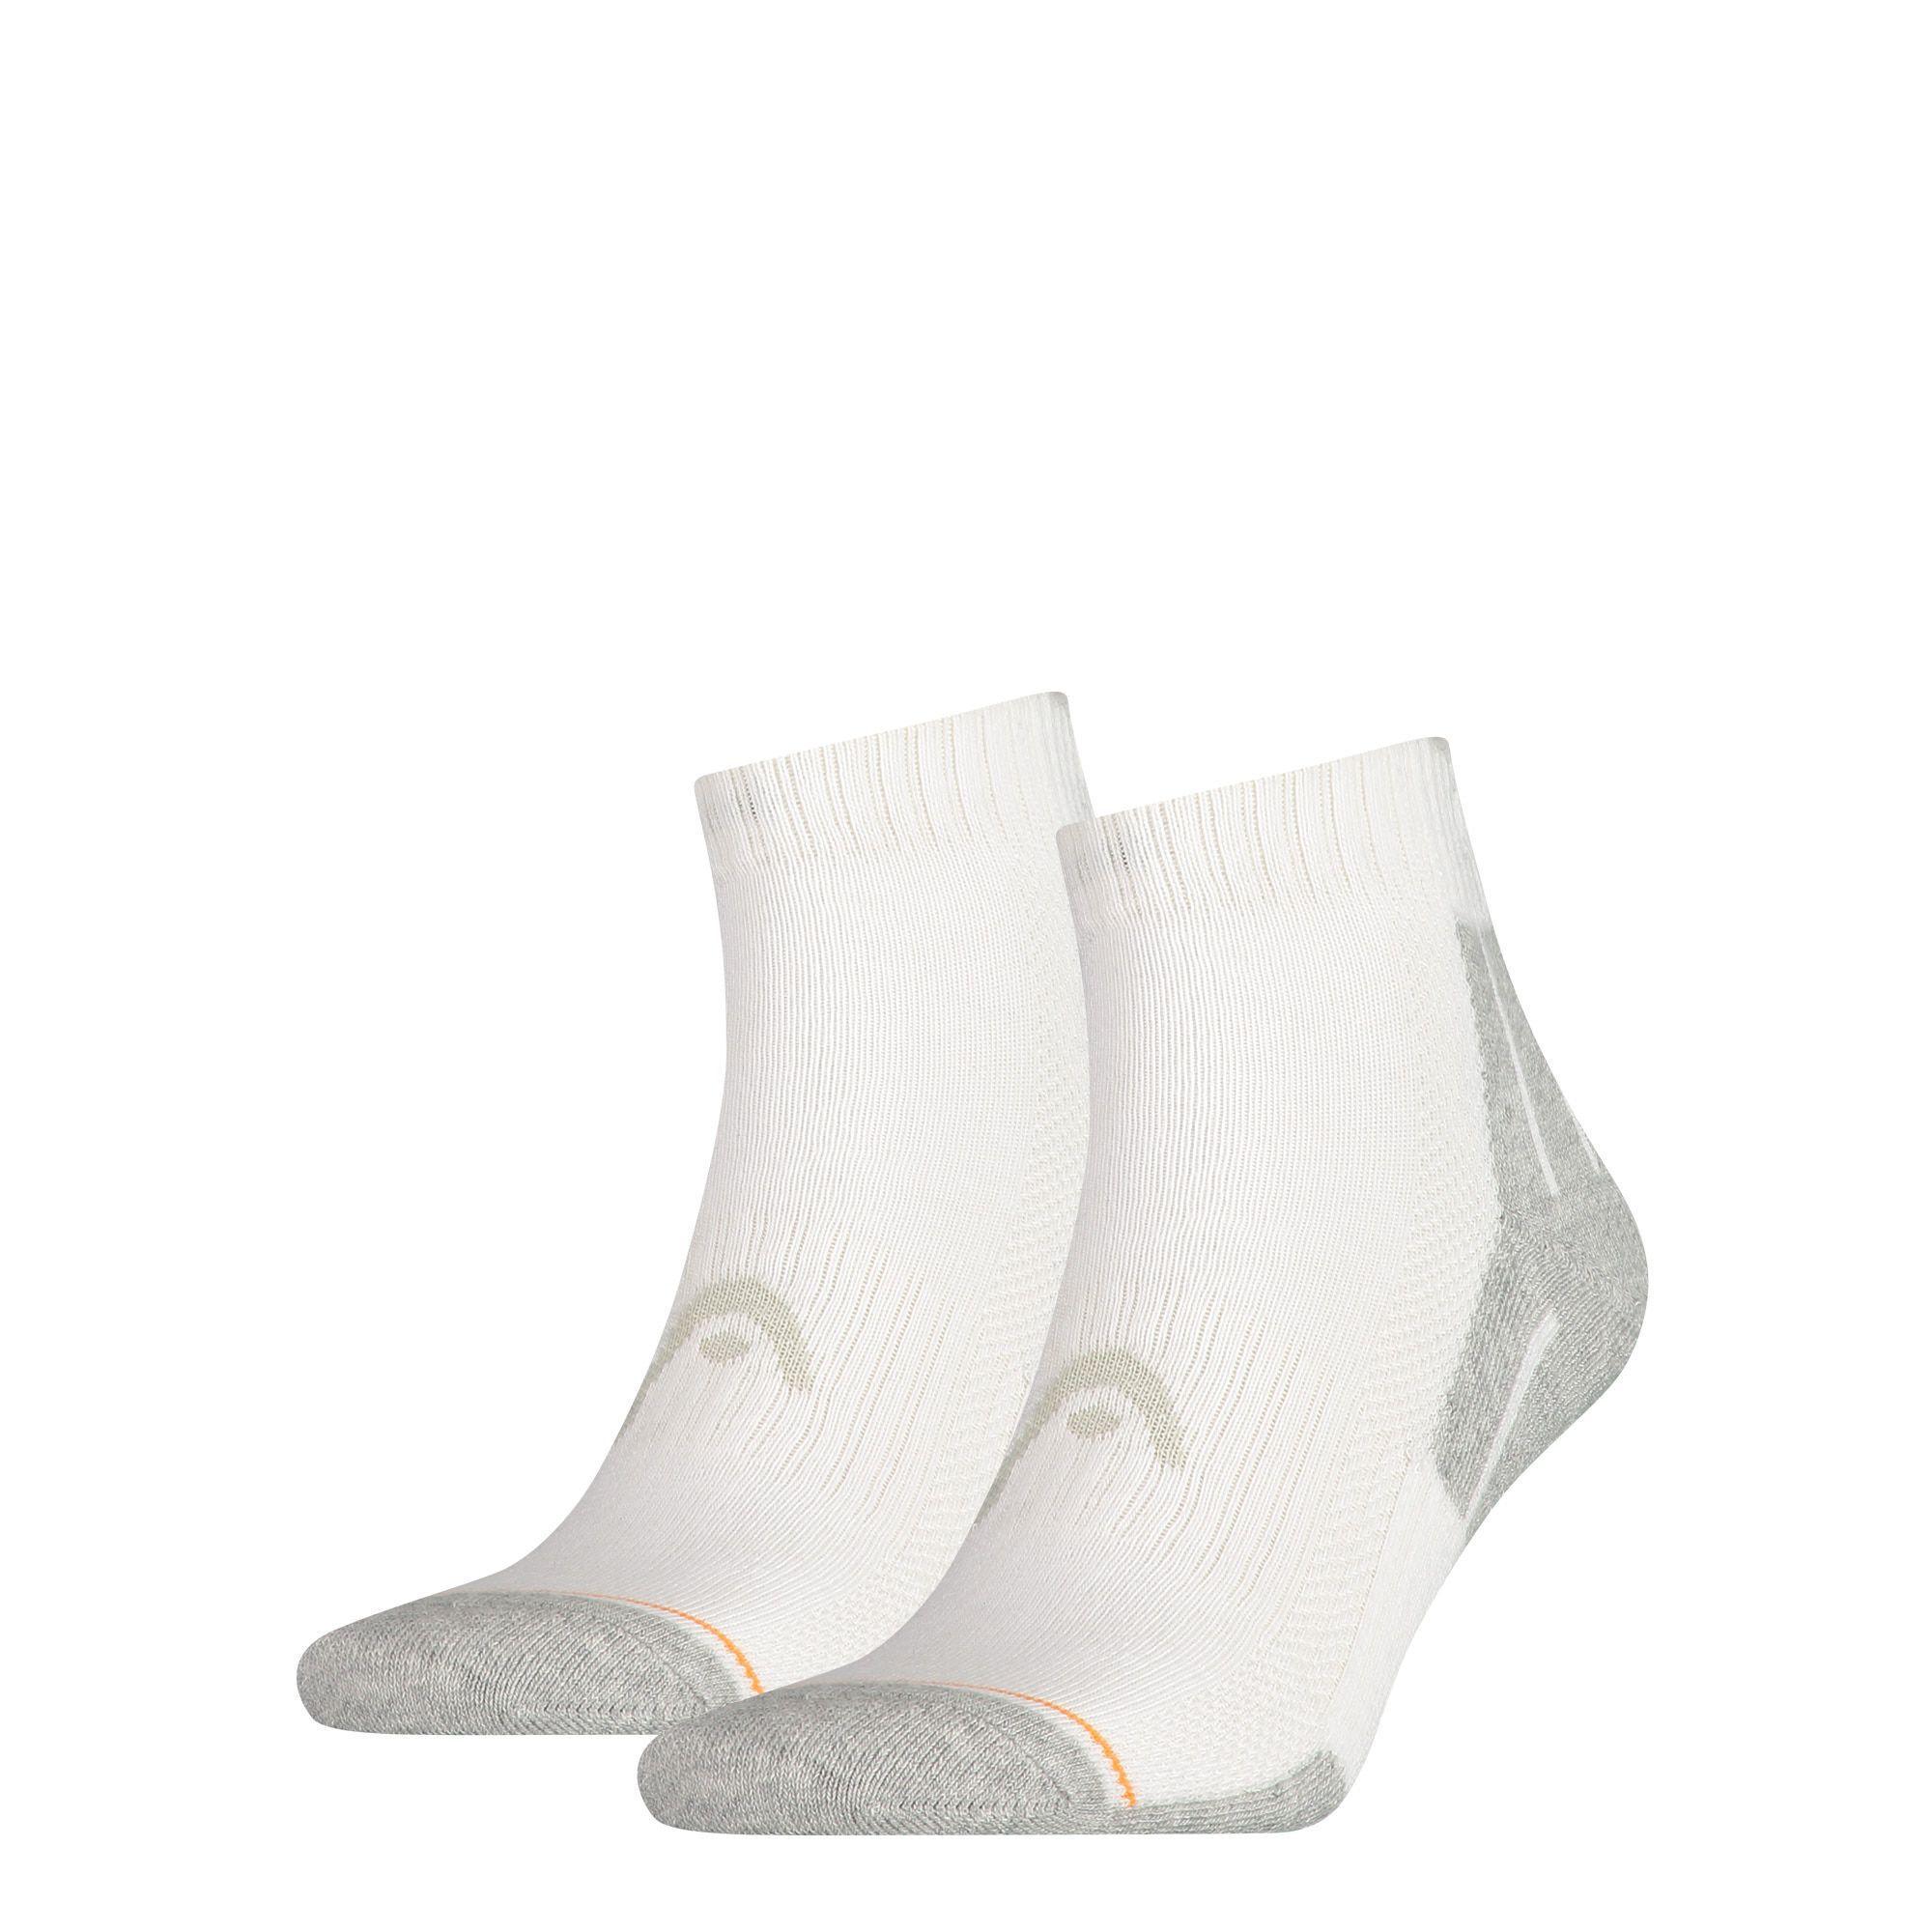 HEAD Performance Quarter sokken 2-pack Unisex White-39-42